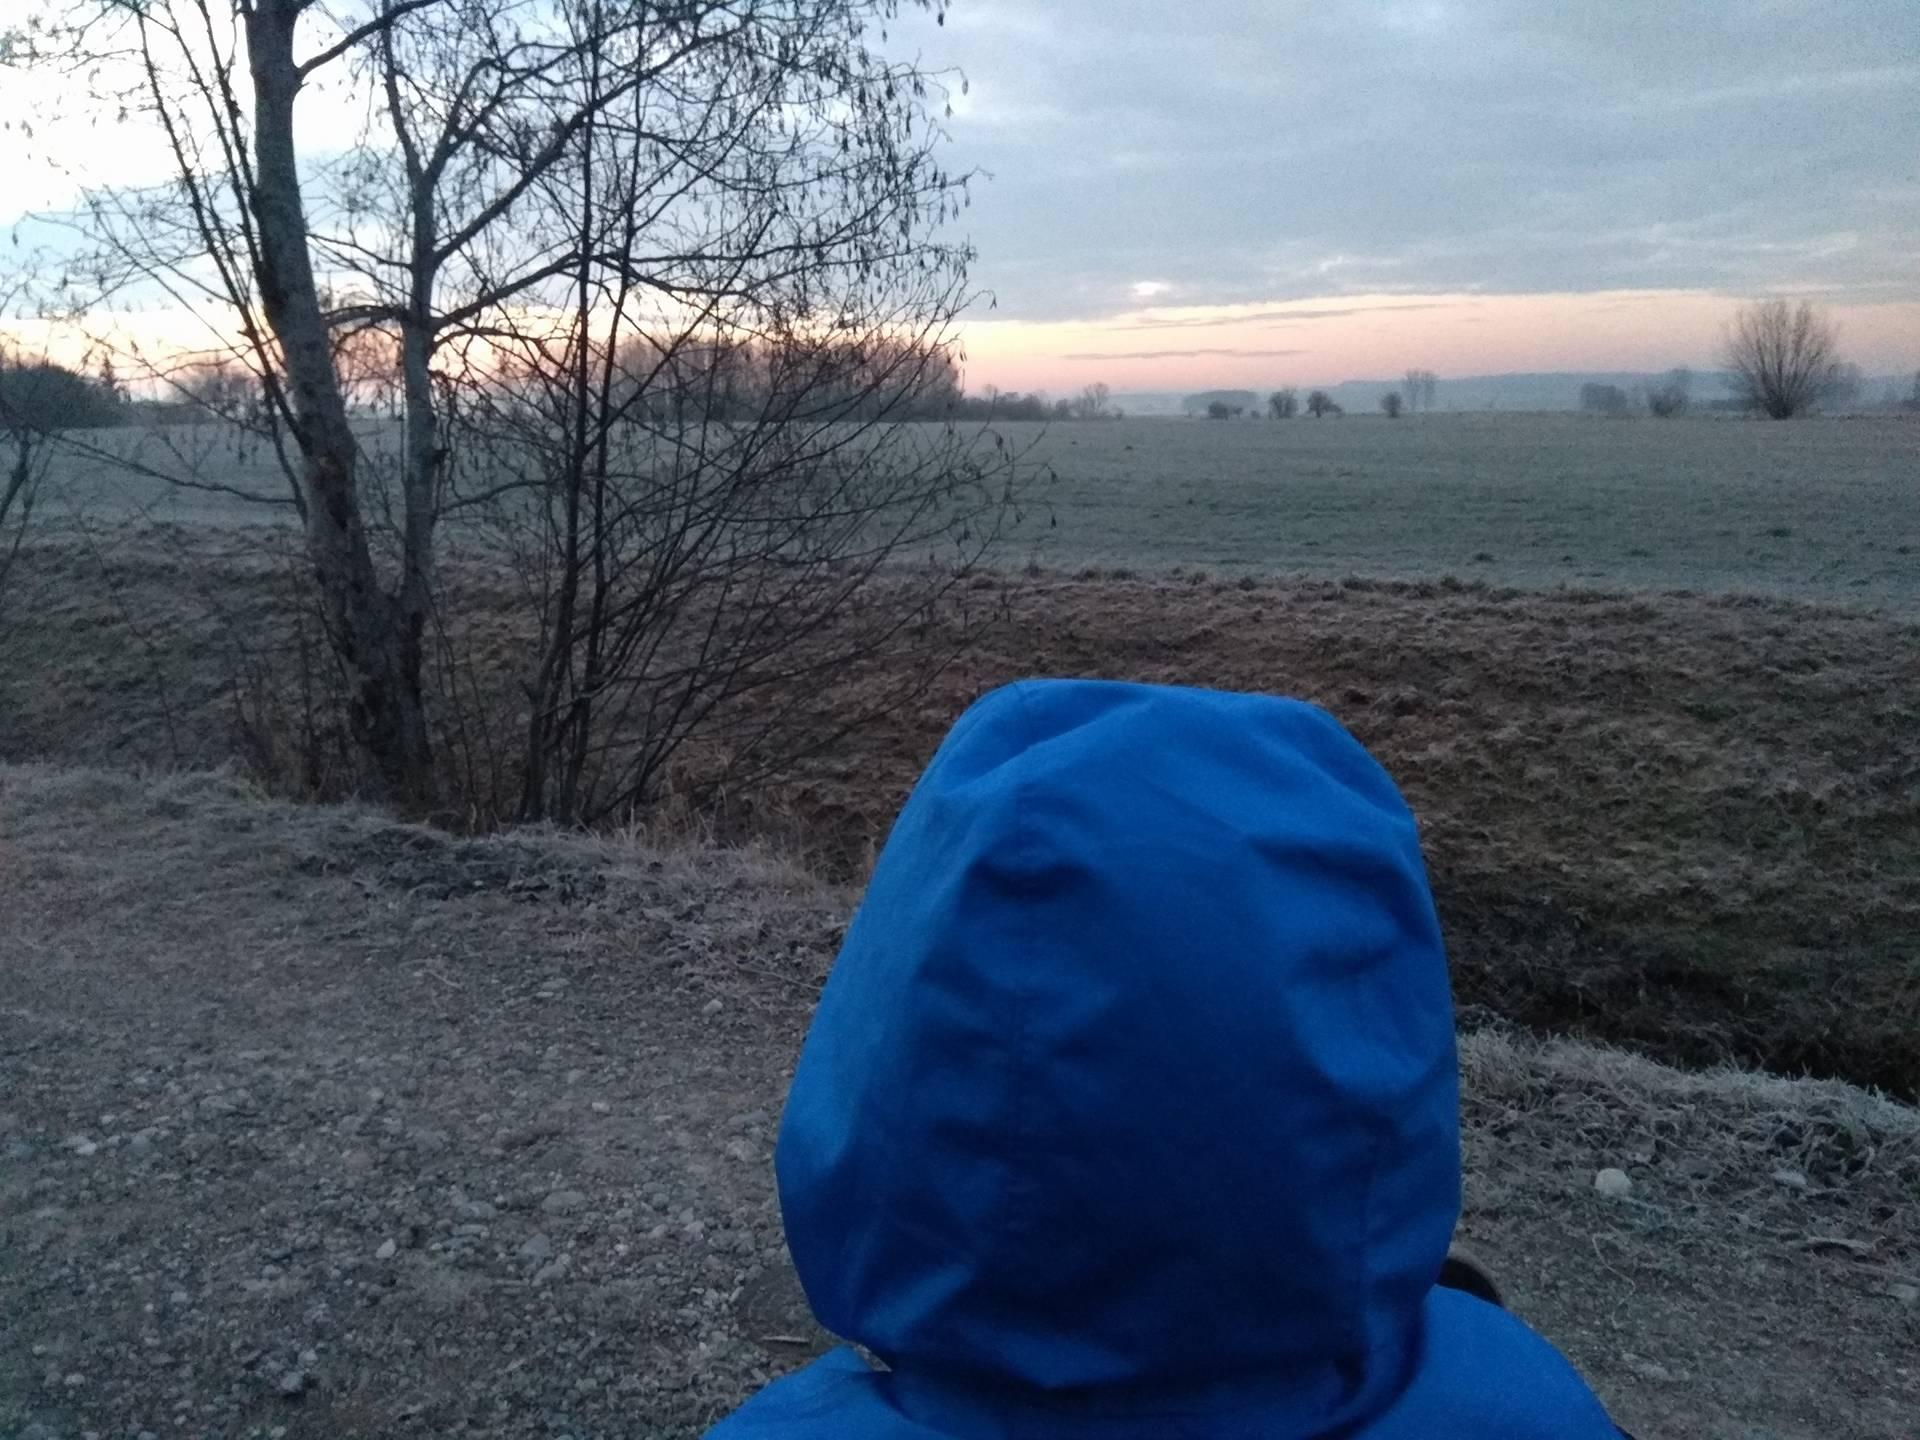 Sonnenaufgang, Januar, Winter, Natur, Bayern, Allgäu